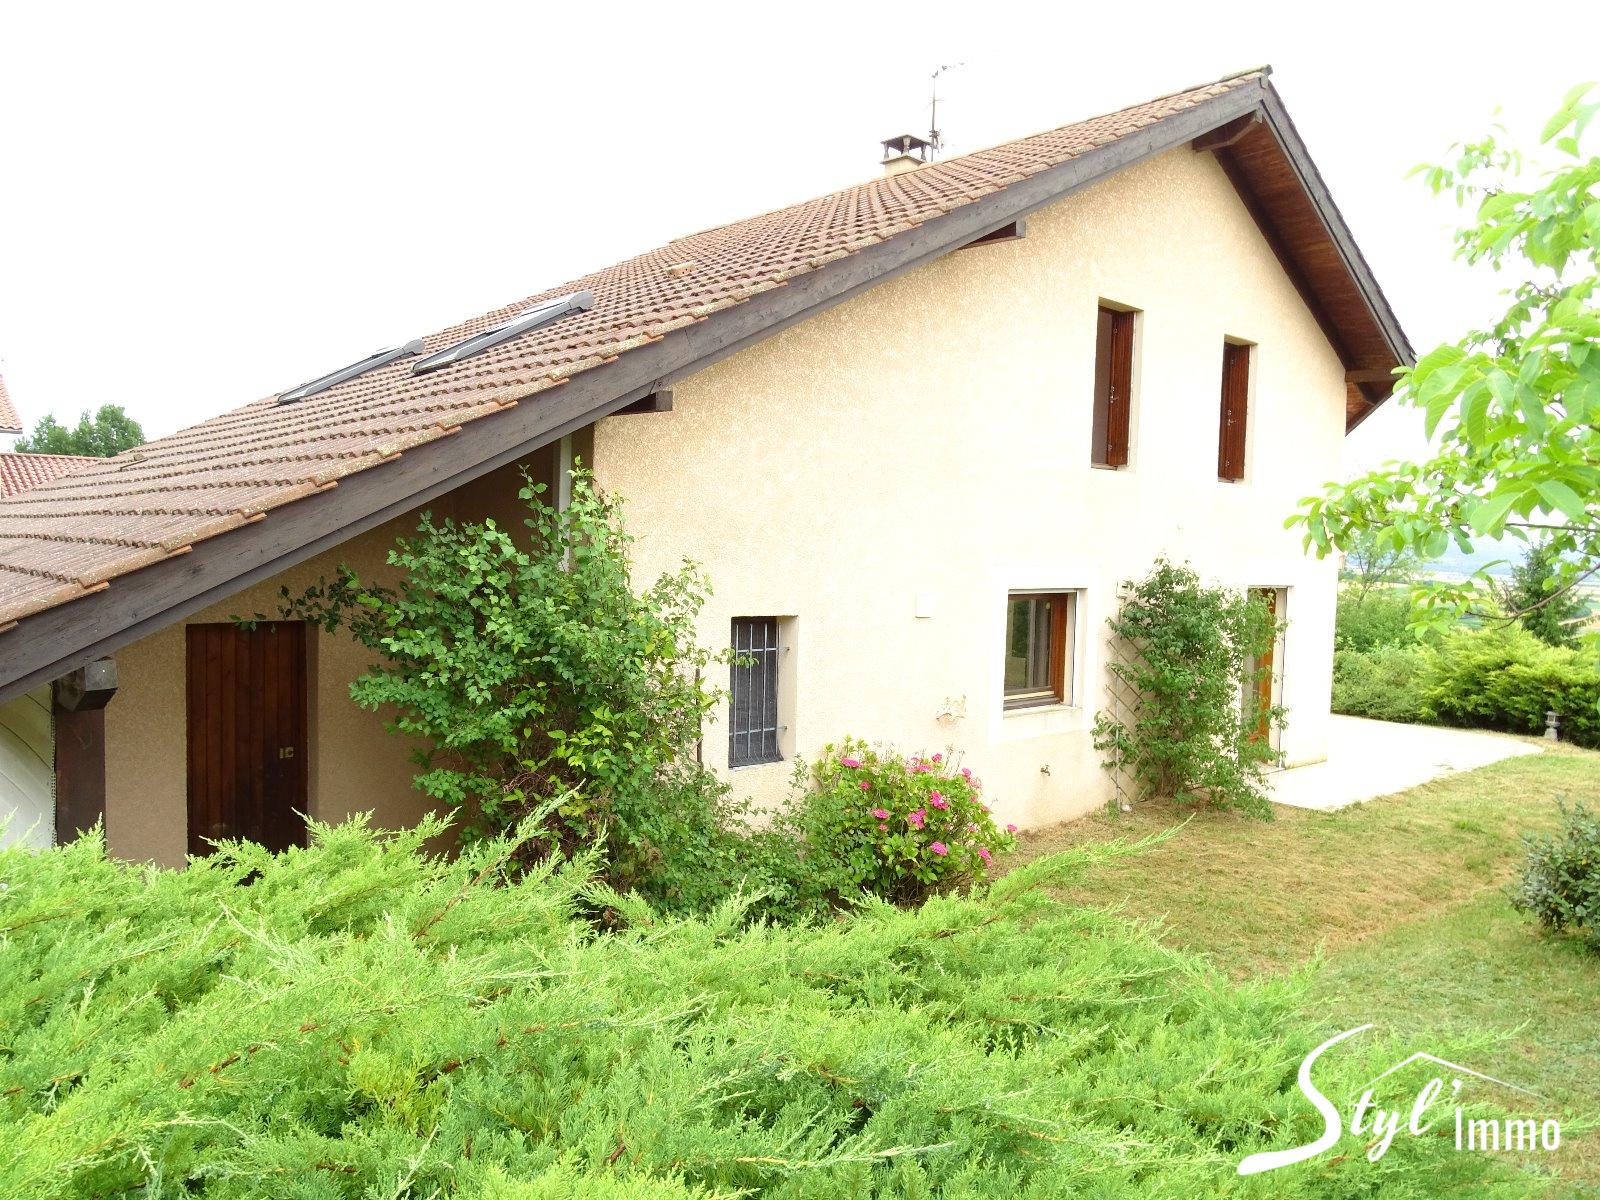 Annonce Vente Maison La C Te Saint Andr 38260 220 M